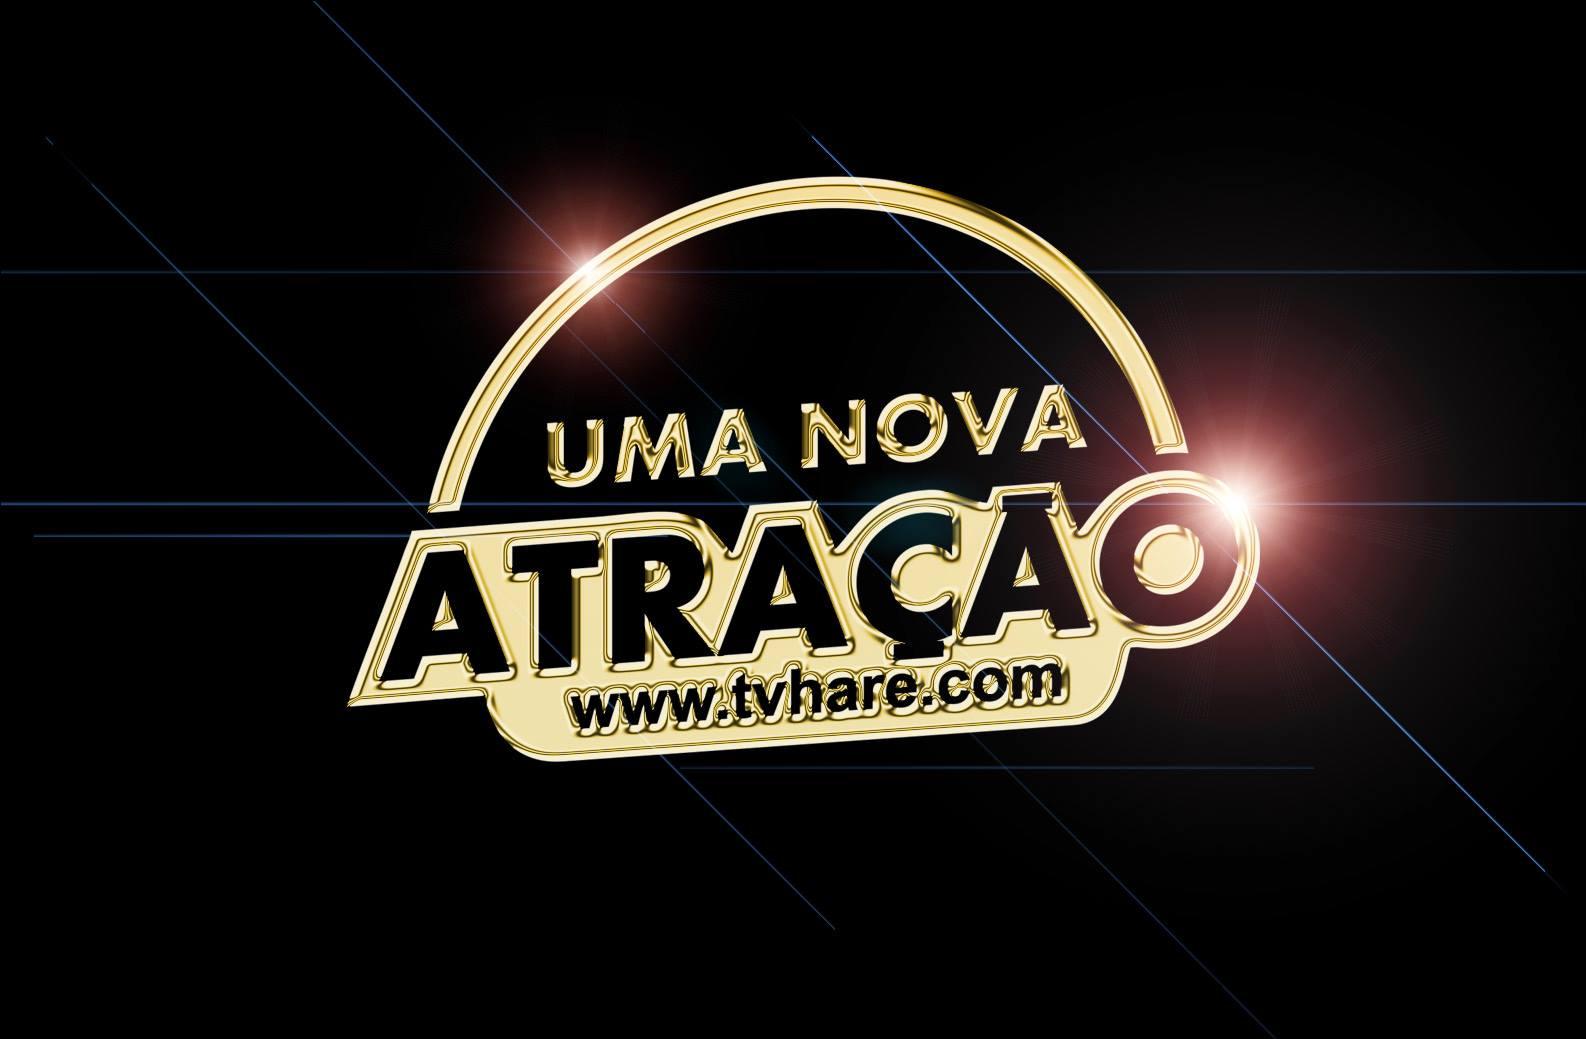 Logo da web novela (Crédito da foto: Divulgação)